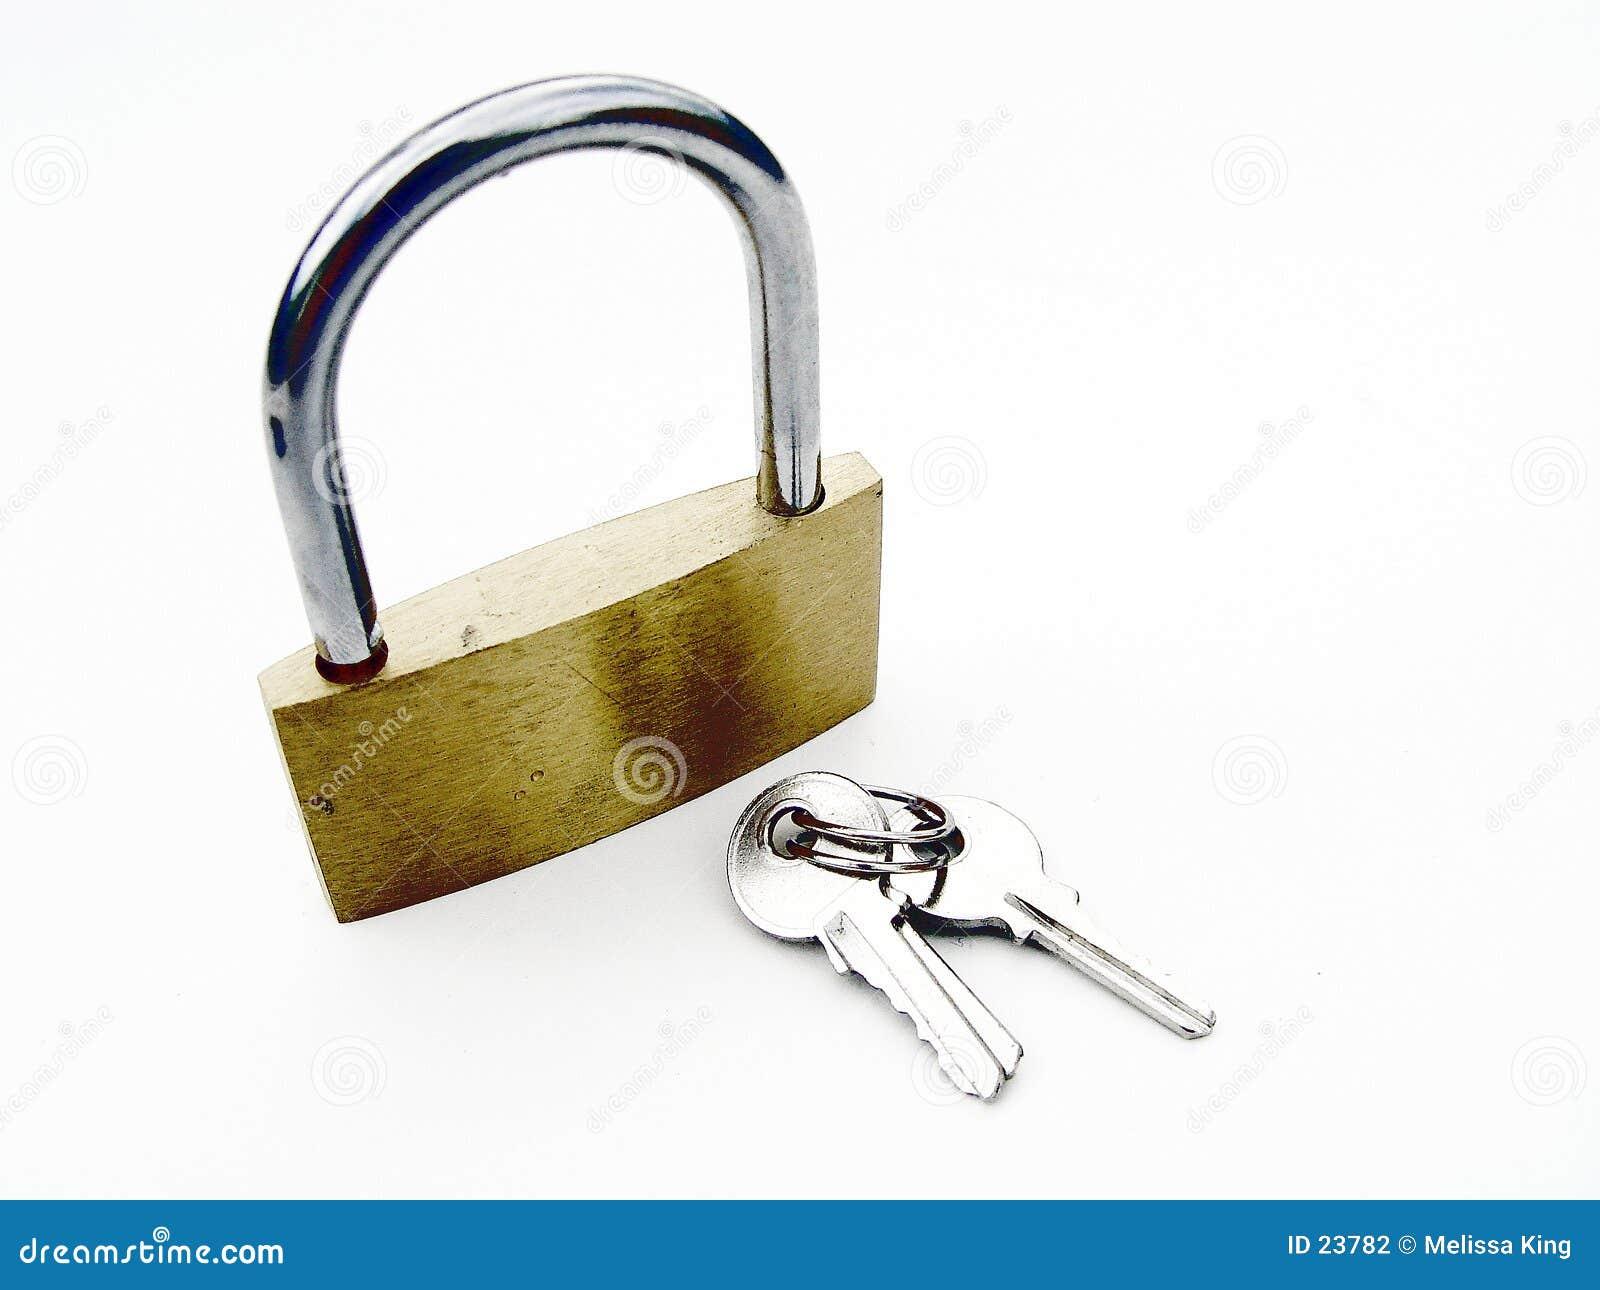 Abstract Pad Lock